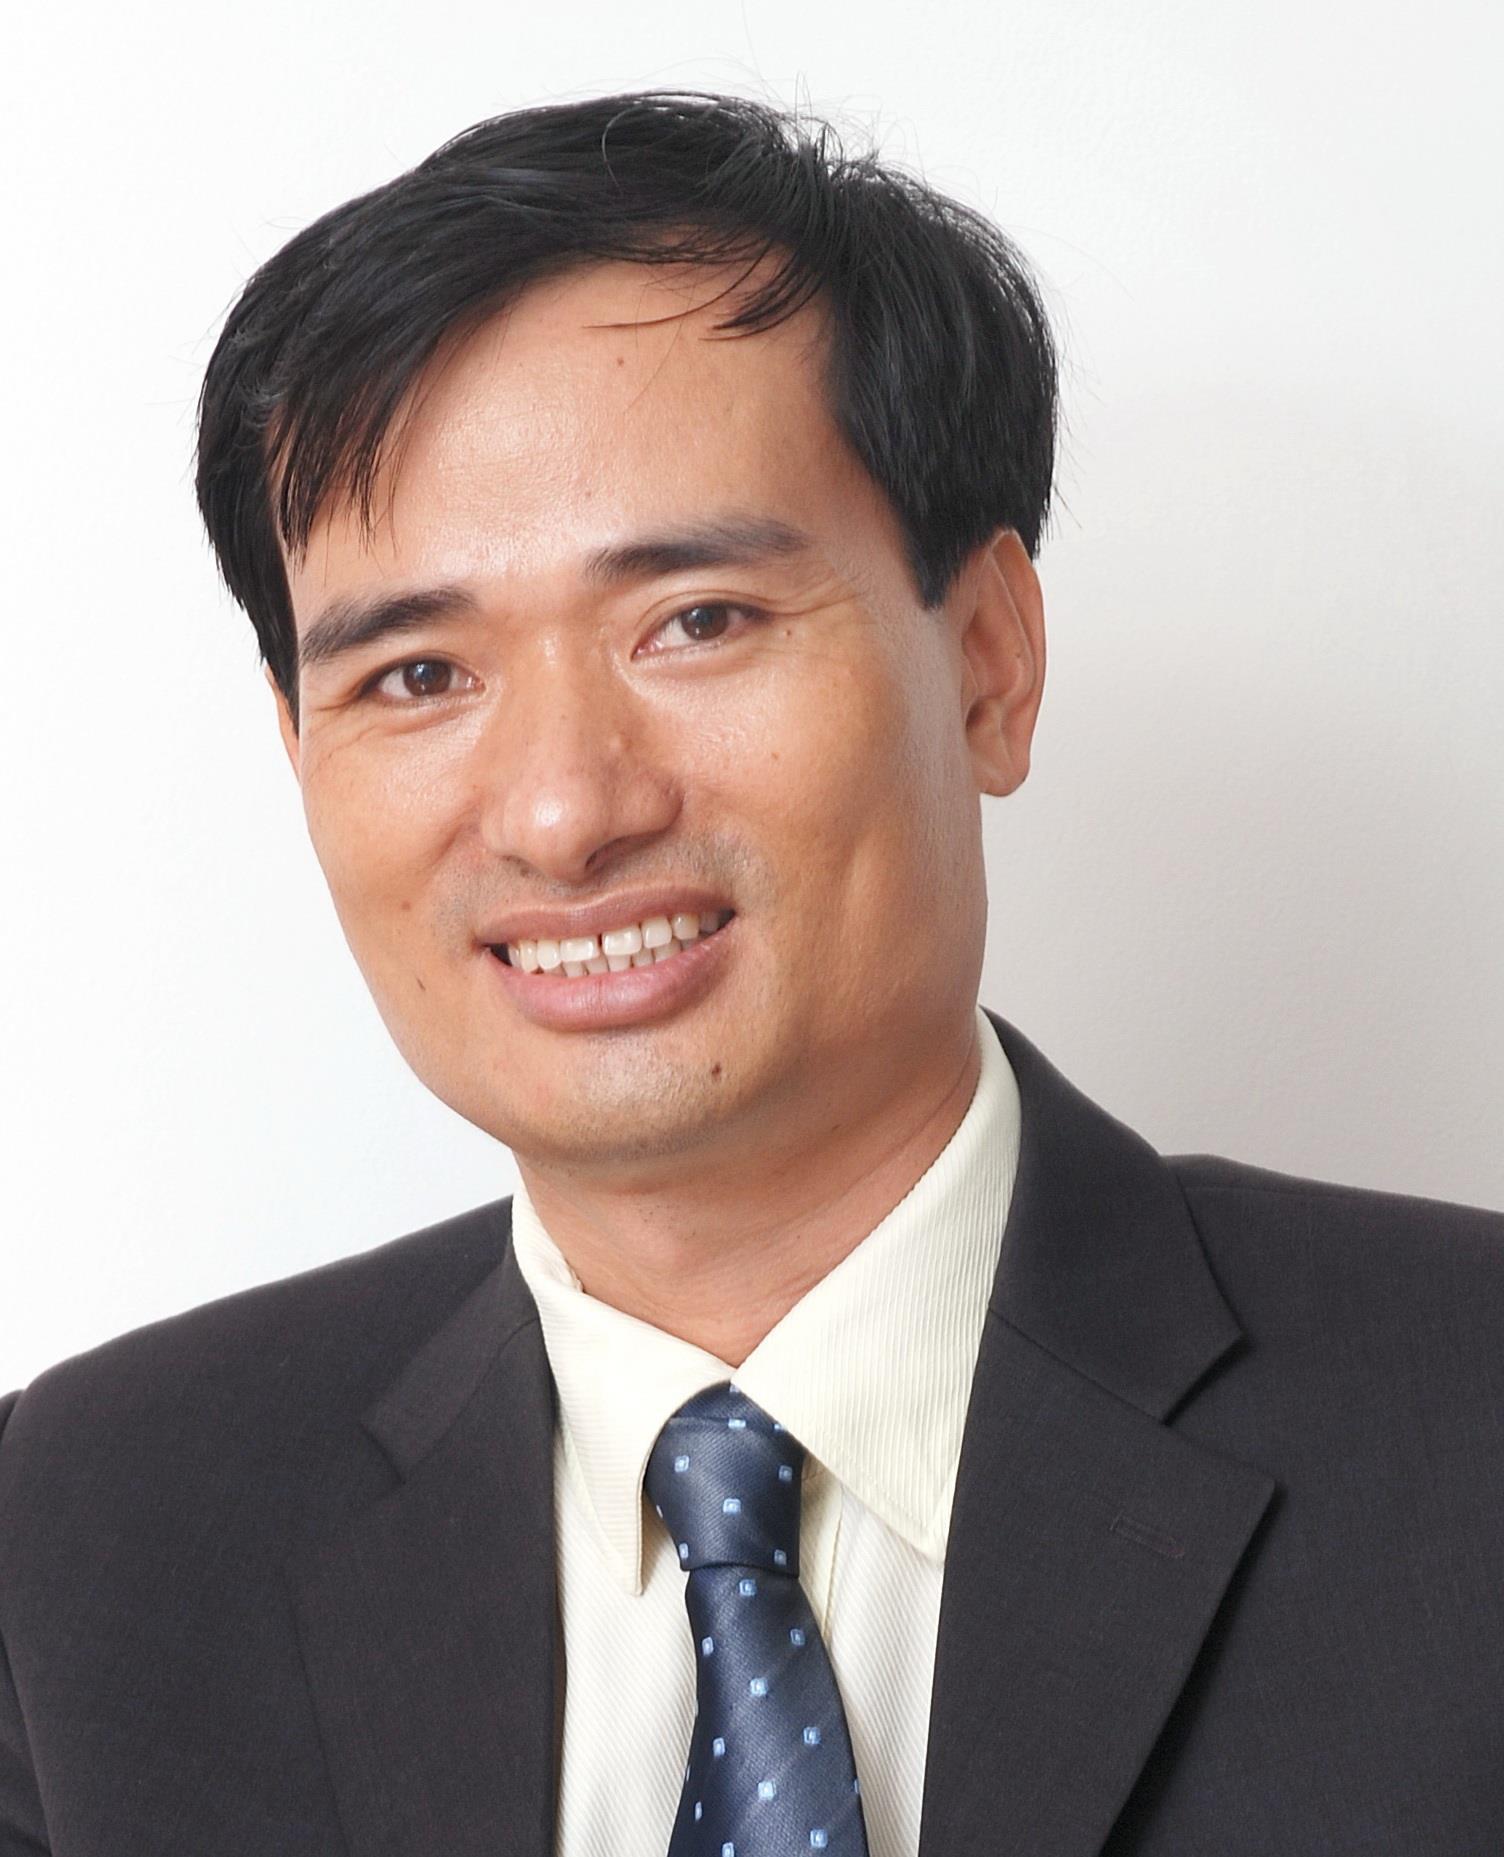 chuyên gia Lưu Tường Bách - Tư vấn, cố vấn dự án, Gọi vốn